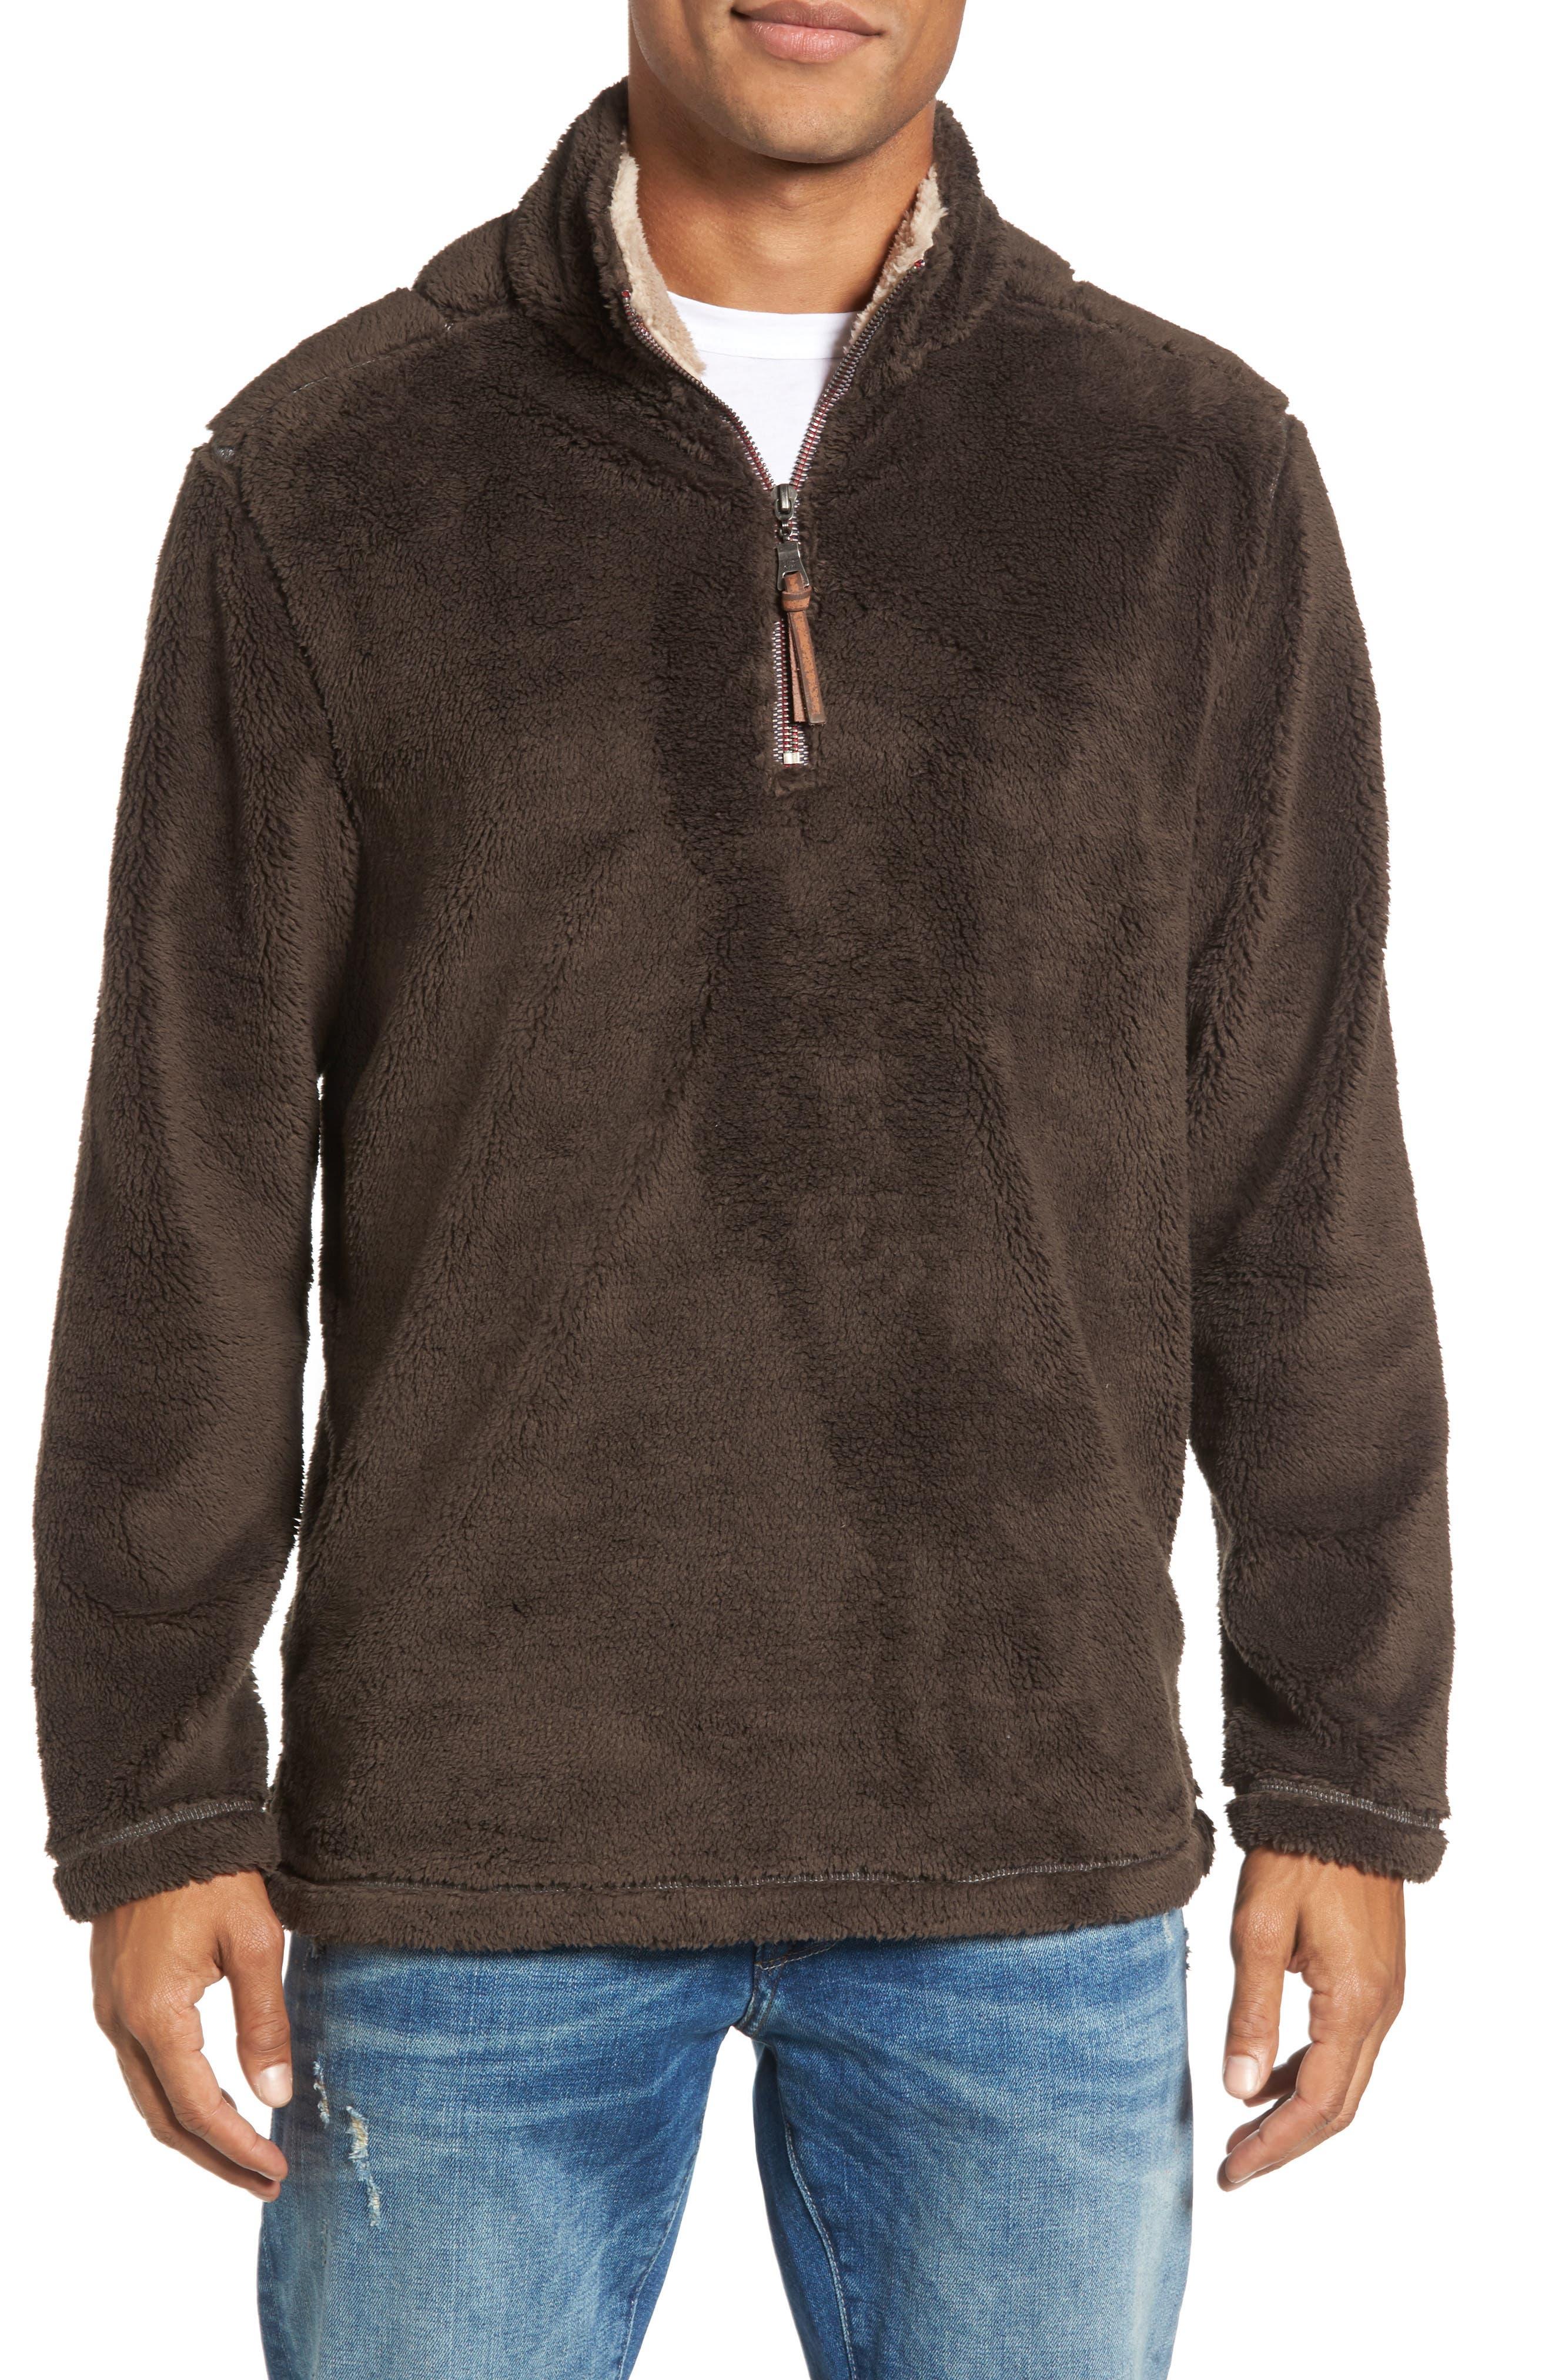 Pebble Pile Quarter Zip Pullover,                         Main,                         color, VINTAGE BR